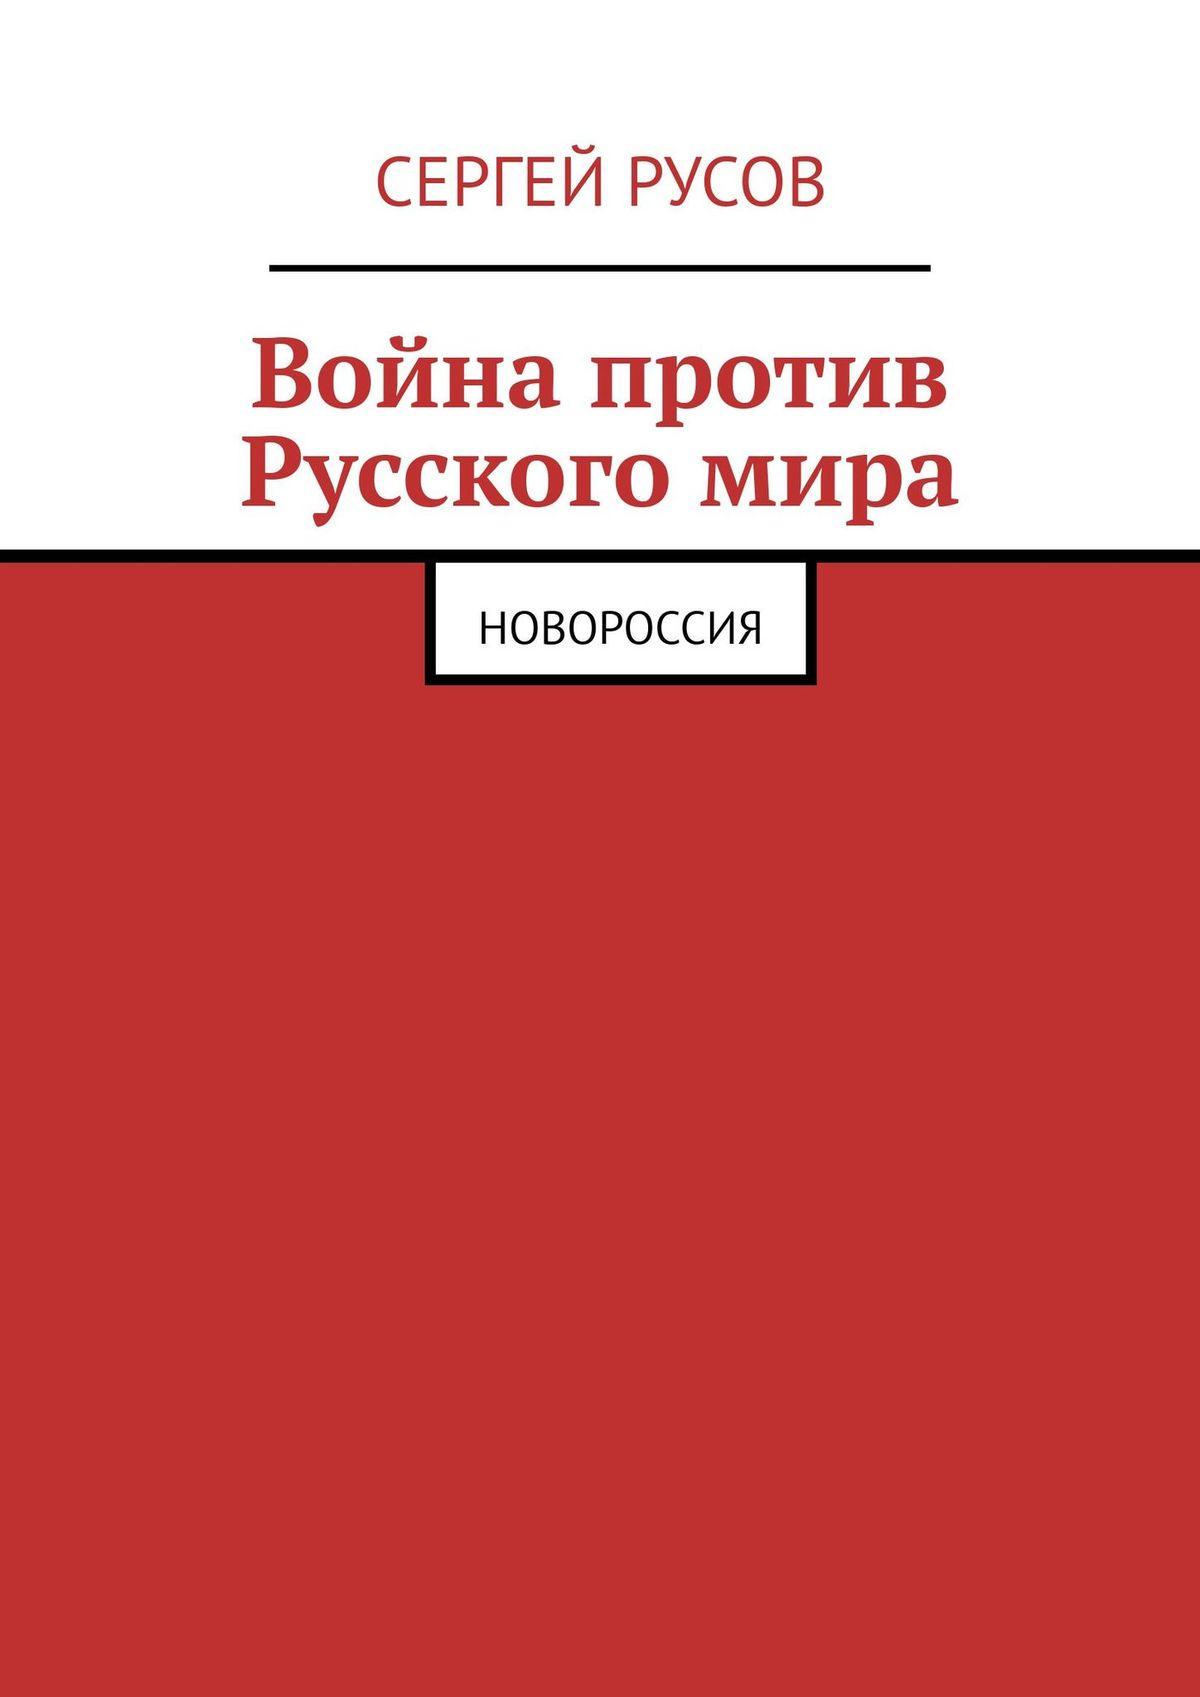 Сергей Русов Война против Русскогомира Новороссия